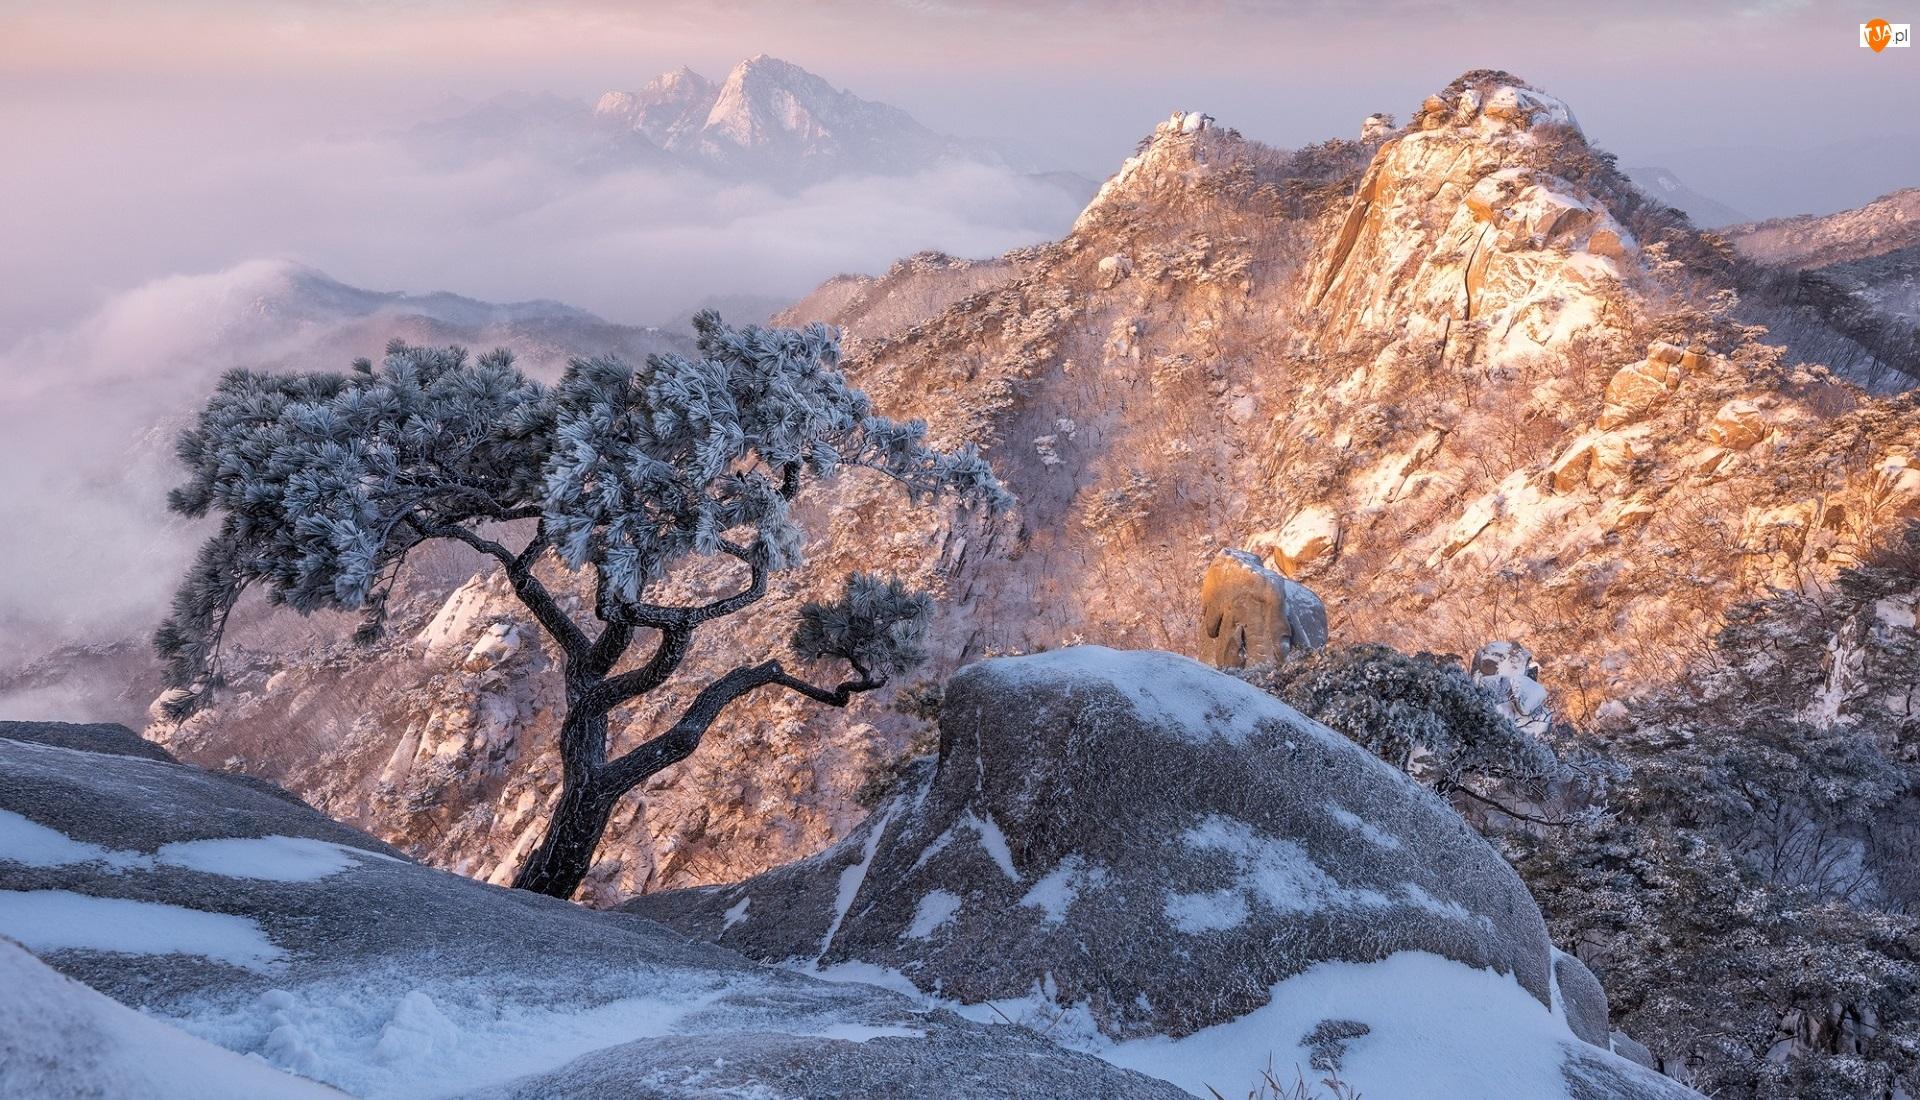 Korea Południowa, Drzewo, Sosna, Kamienie, Góry, Park Narodowy Bukhansan, Ośnieżone, Zima, Skały, Prowincja Gyeonggi-do